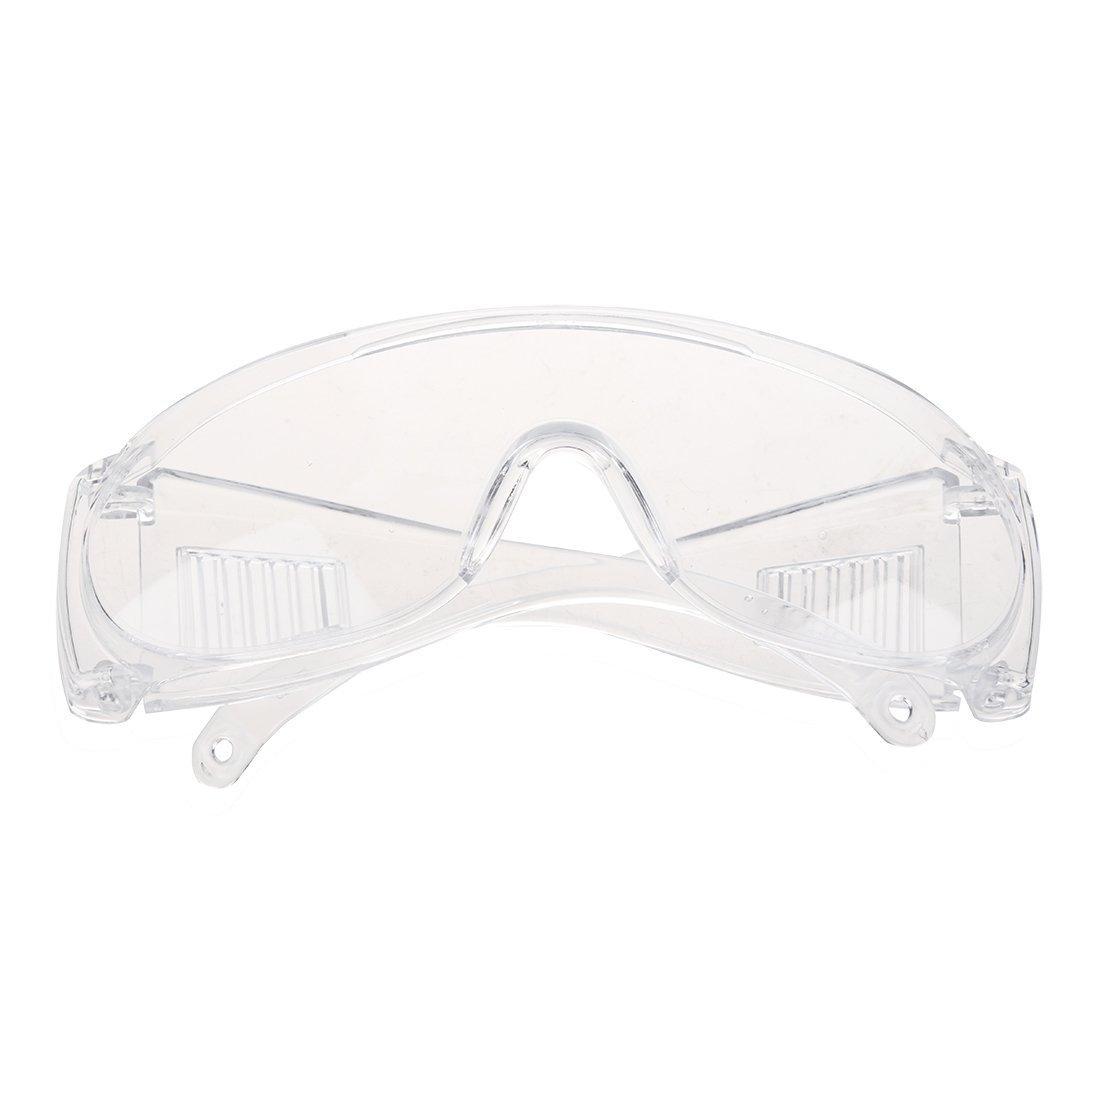 SODIAL(R) Lunettes protectrices transparentes en plastique pour l'atelier